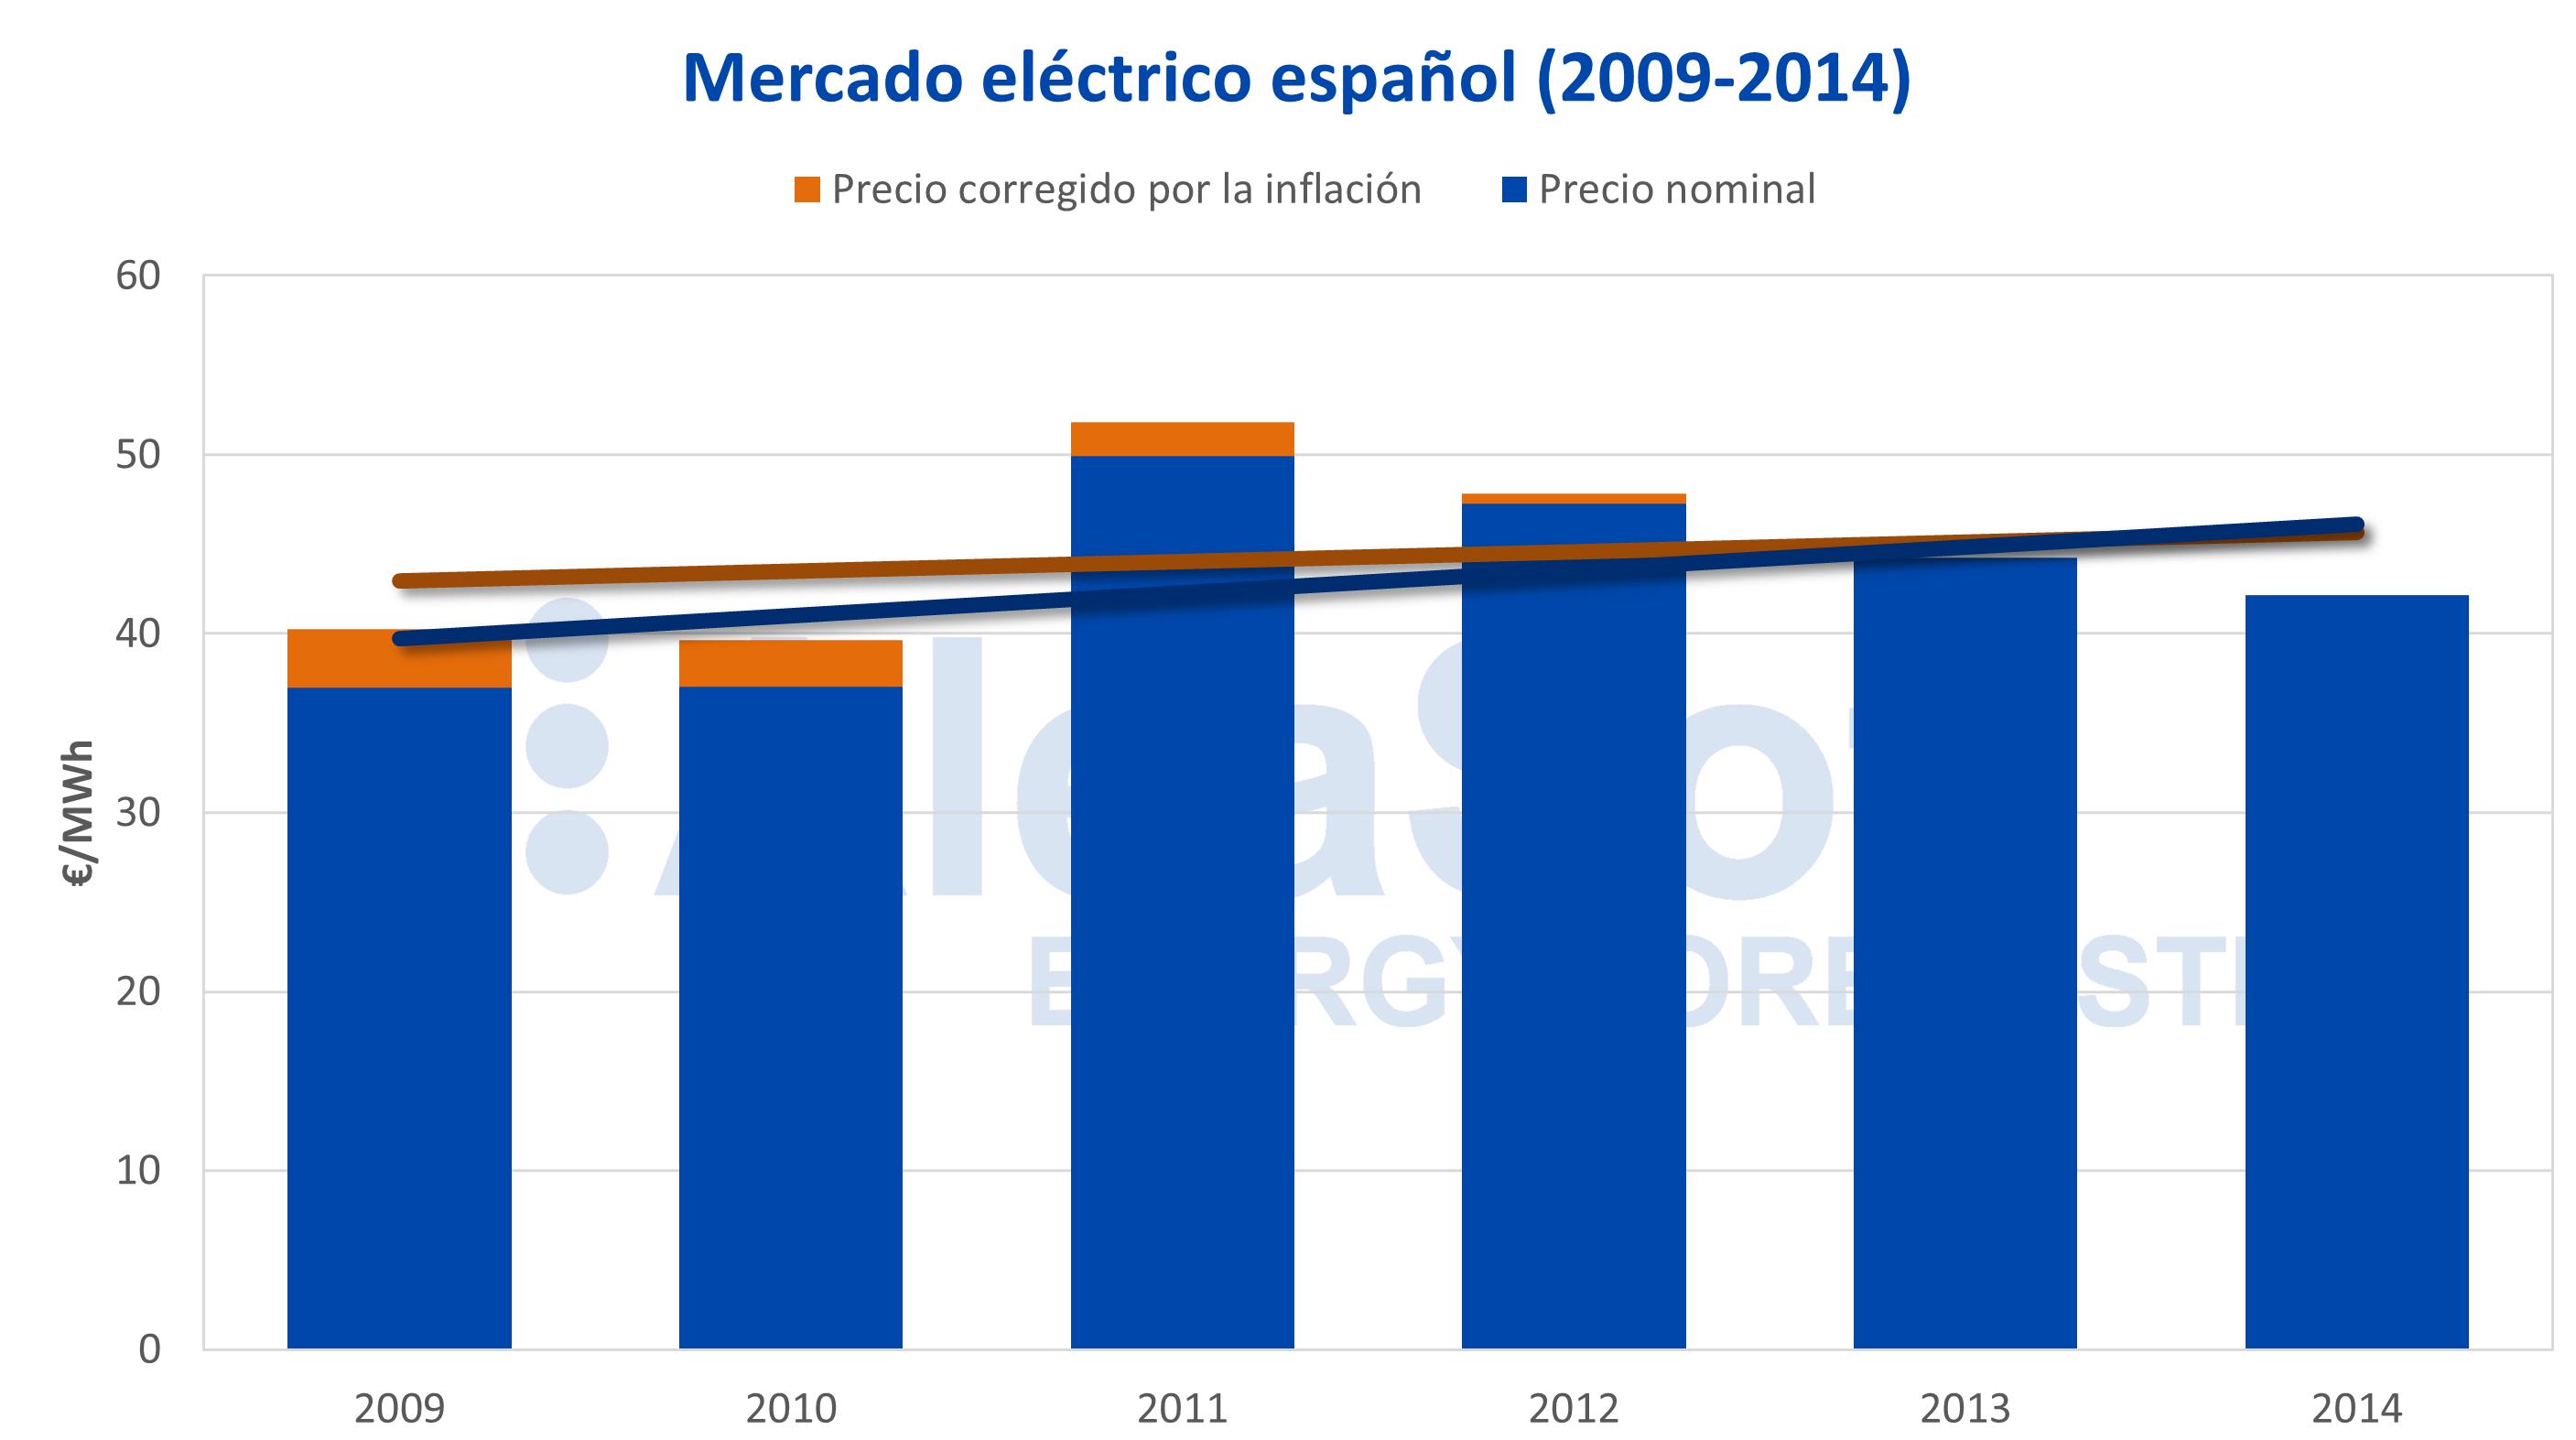 AleaSoft - Precio mercado español corregido inflacion IPC